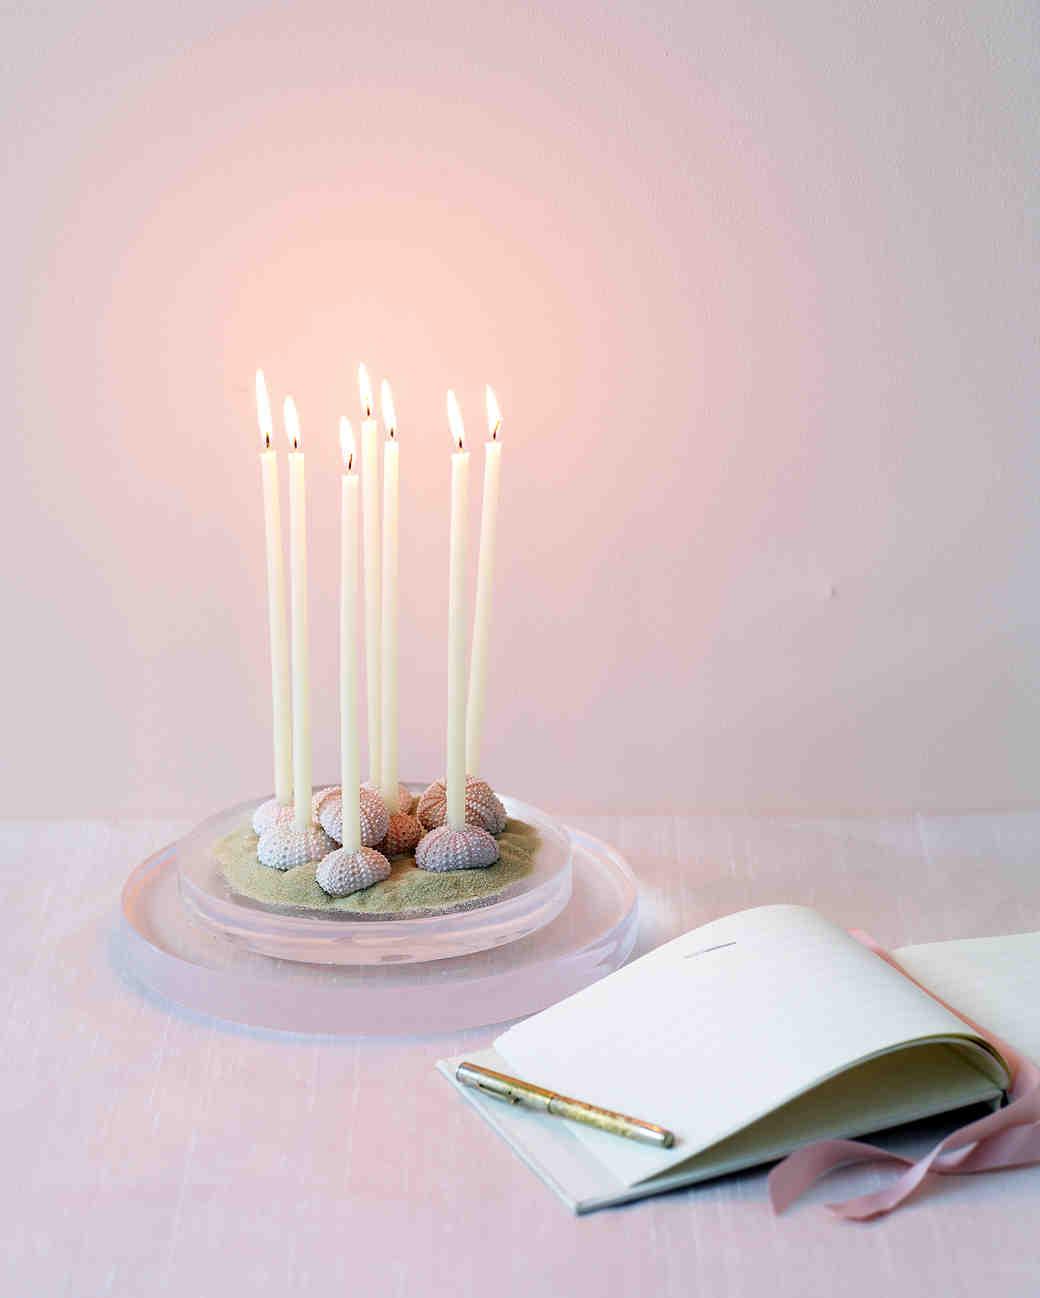 diy-beach-wedding-ideas-sea-urchin-candle-holder-su09-0615.jpg